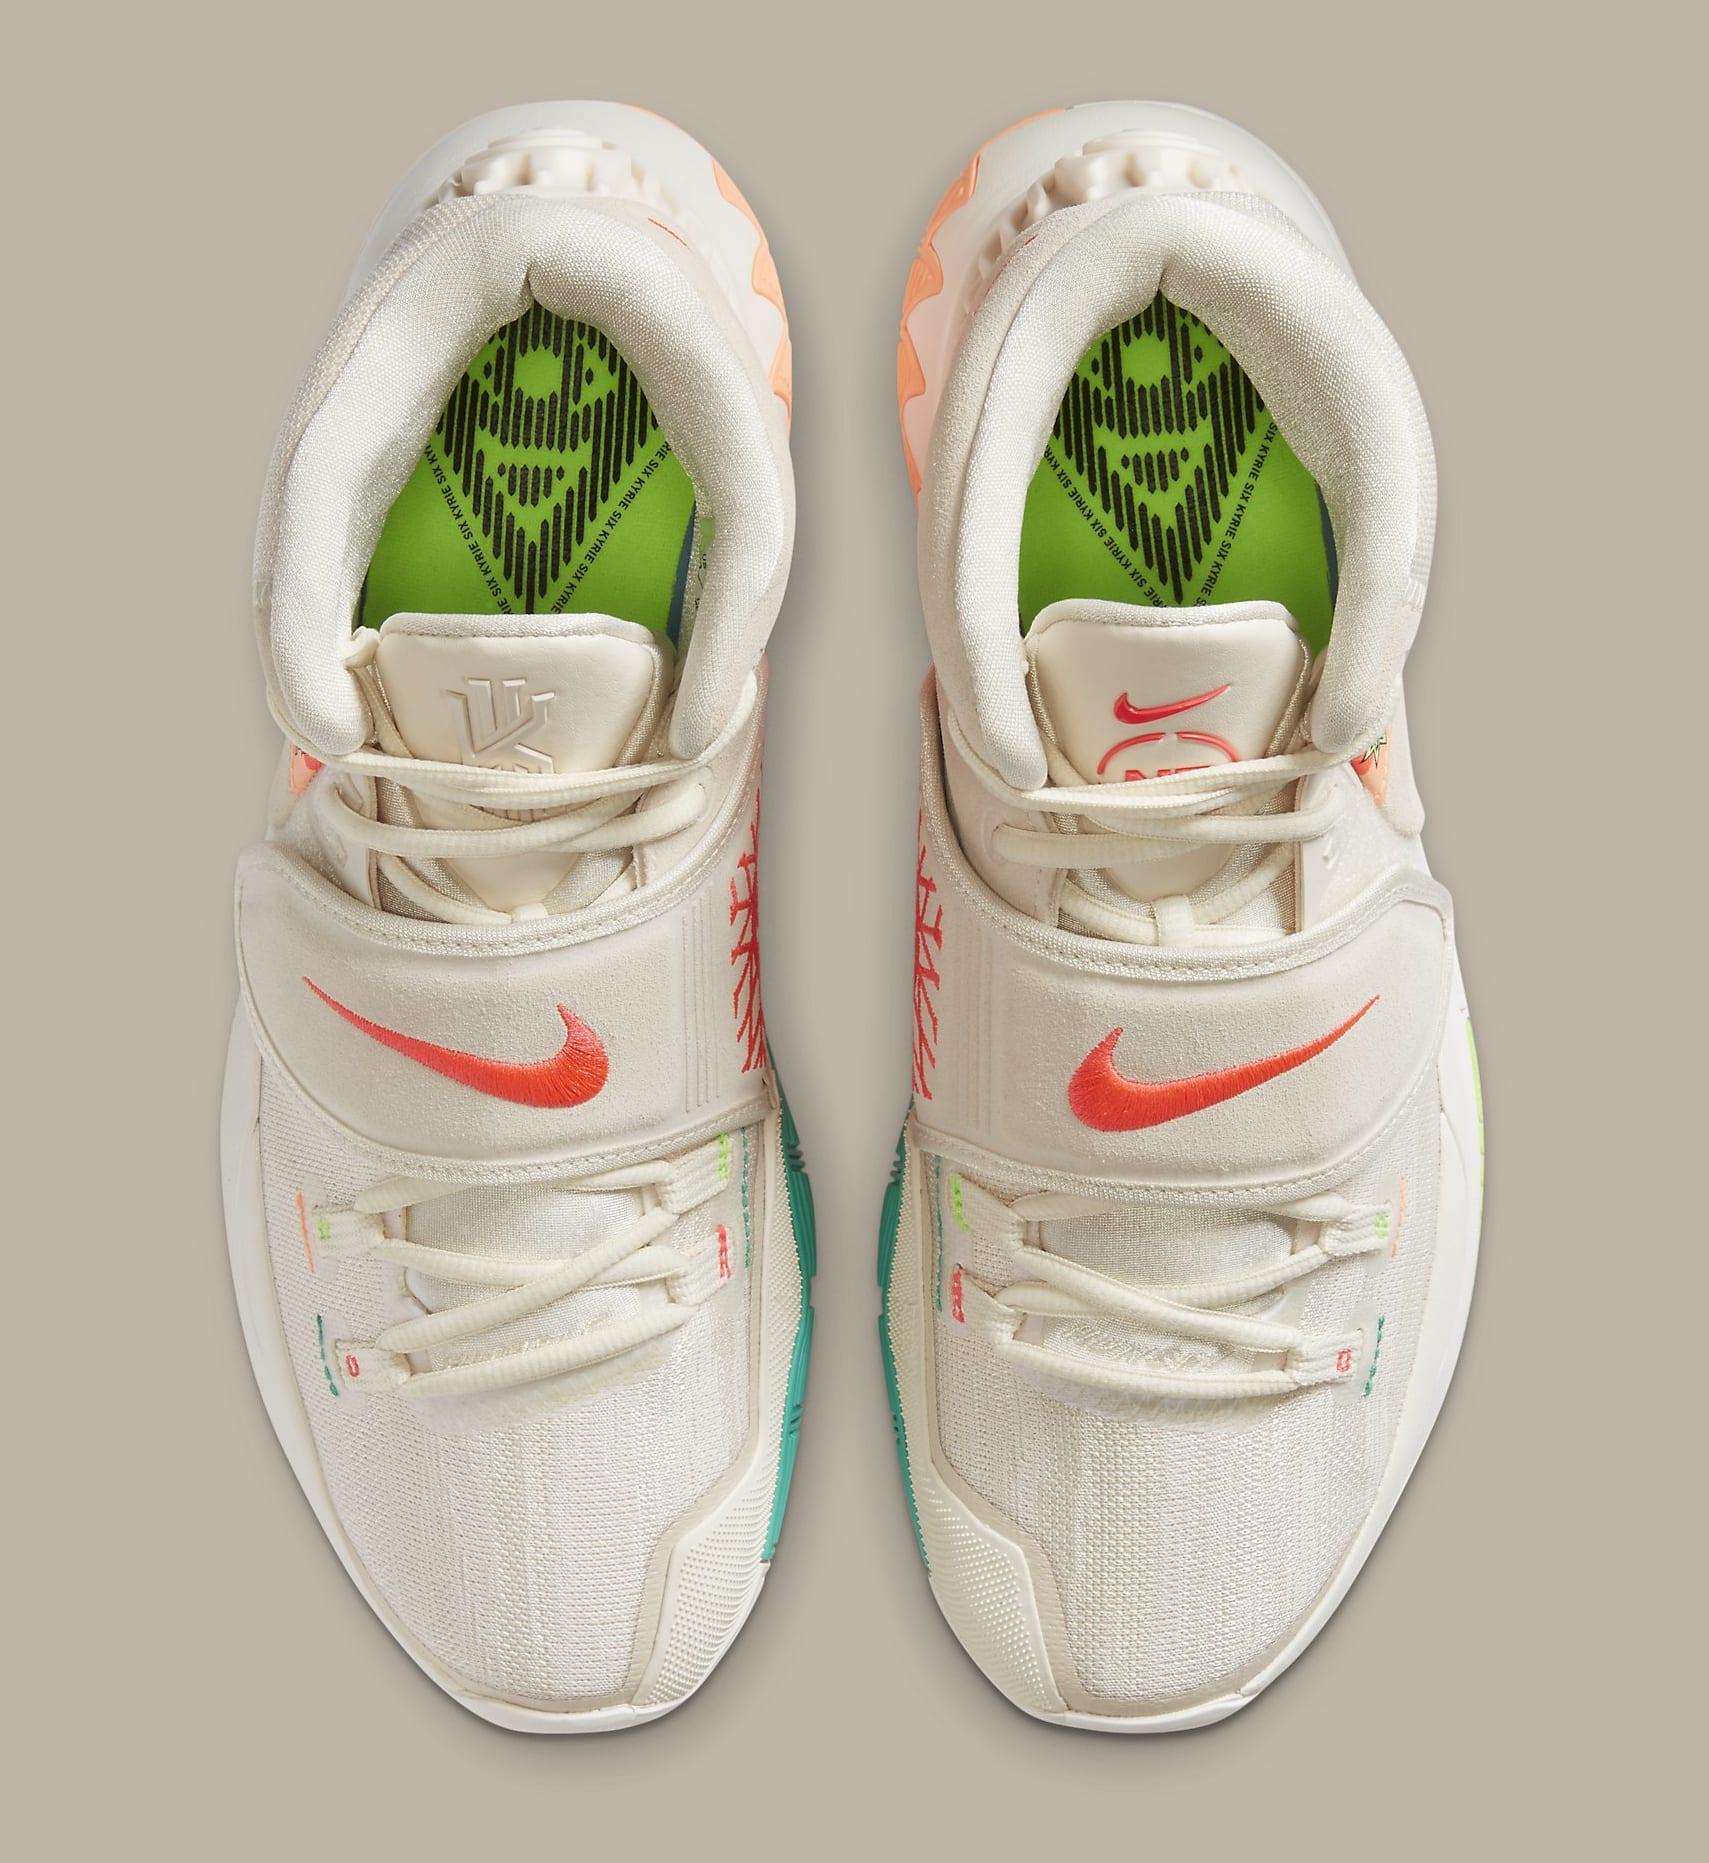 Nike Kyrie 6 'N7' CW1785-200 Top